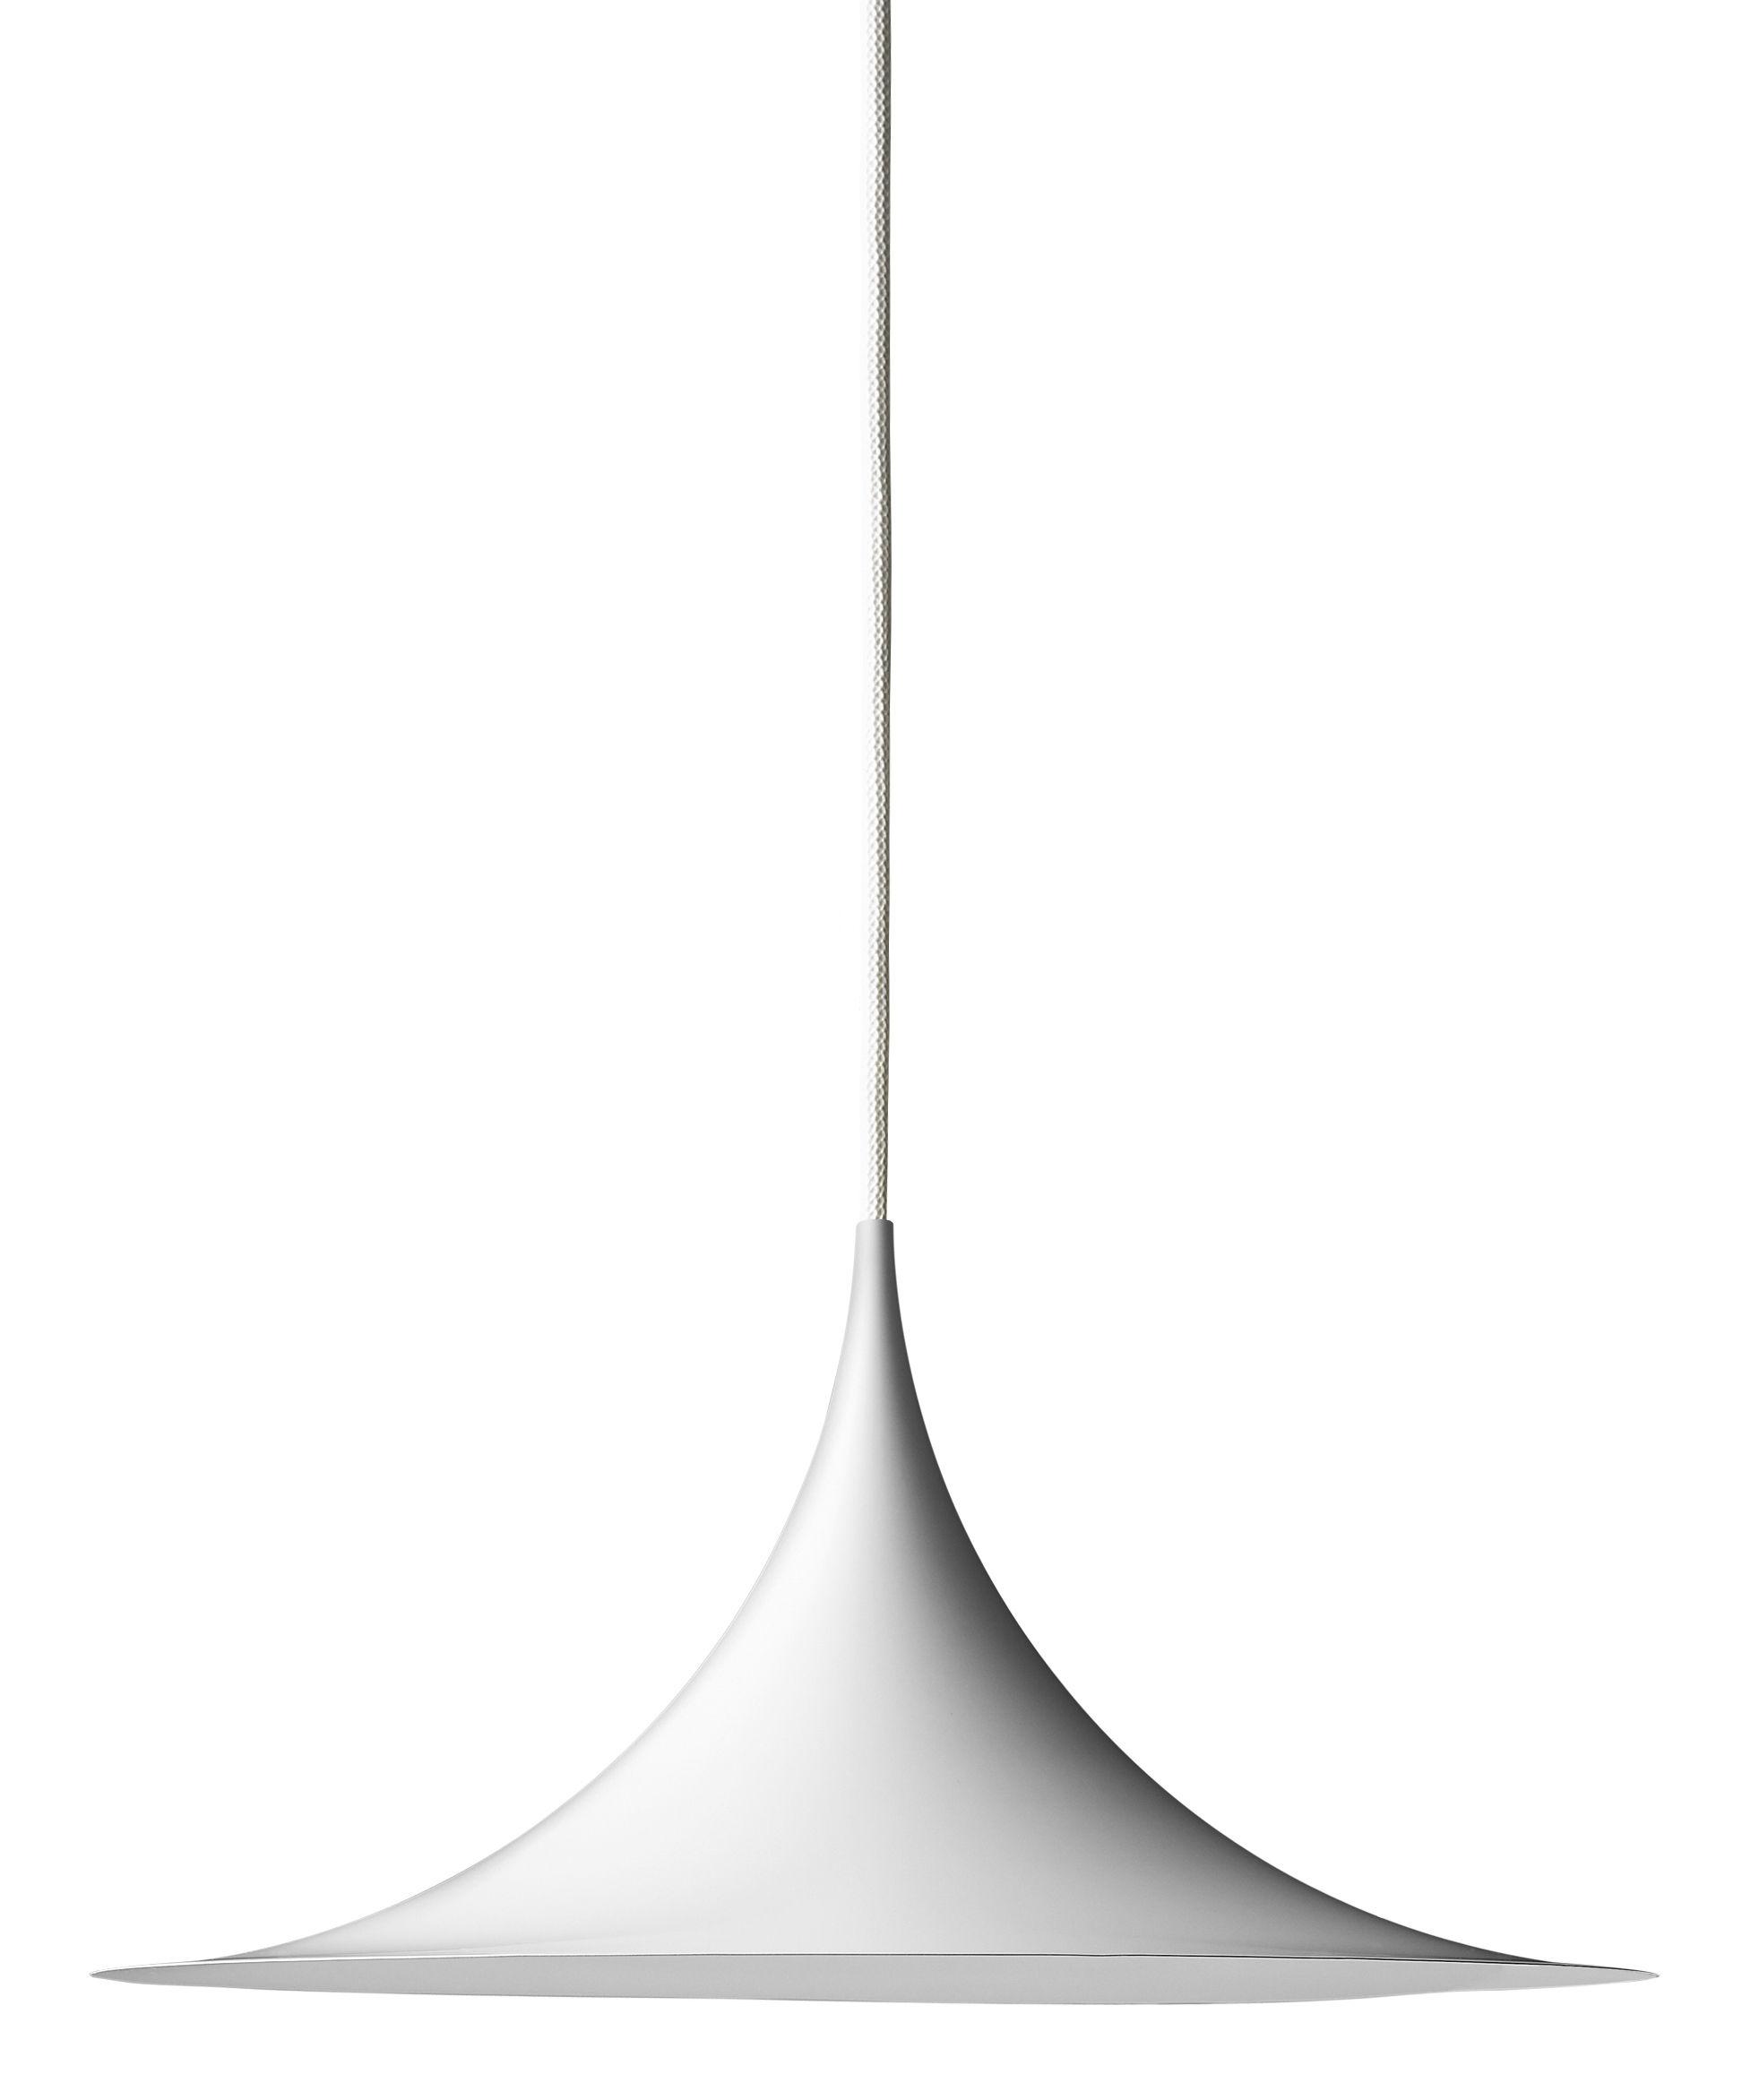 Leuchten - Pendelleuchten - Semi Pendelleuchte Ø 30 cm - Neuauflage von 1968 - Gubi - Weiß matt - emailliertes Metall